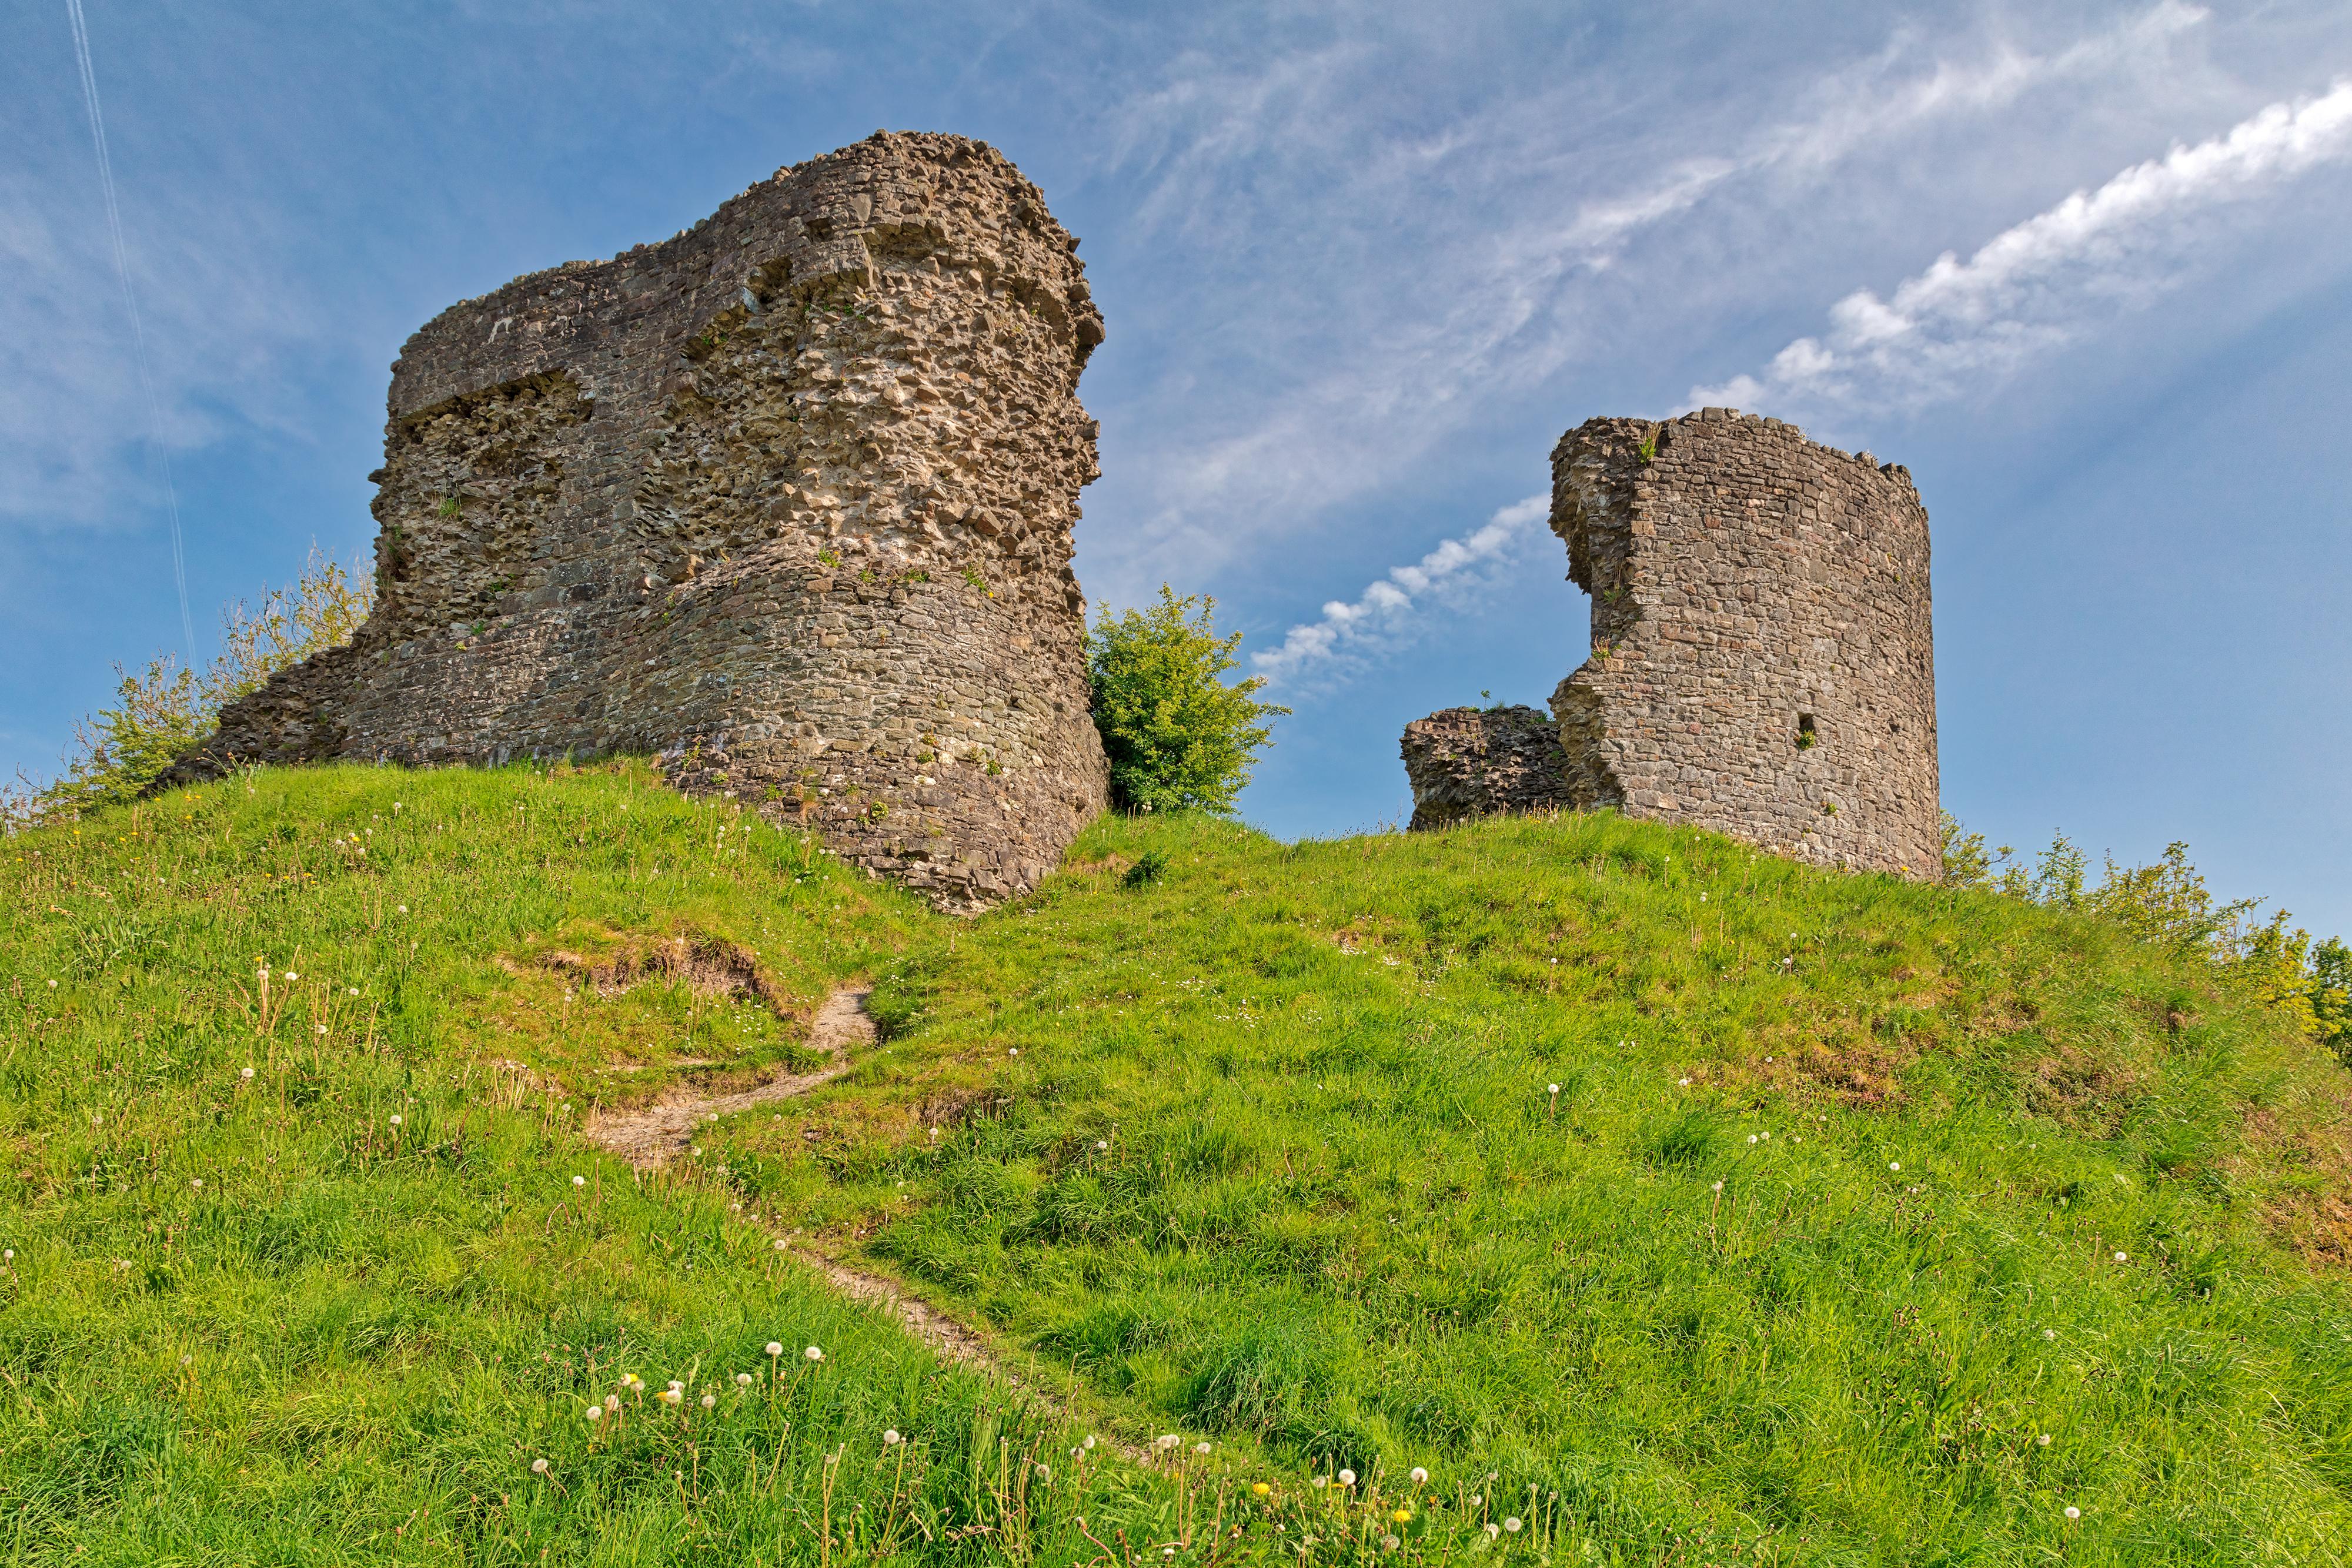 Llandovery Castle Ruins (freebie) by boldfrontiers